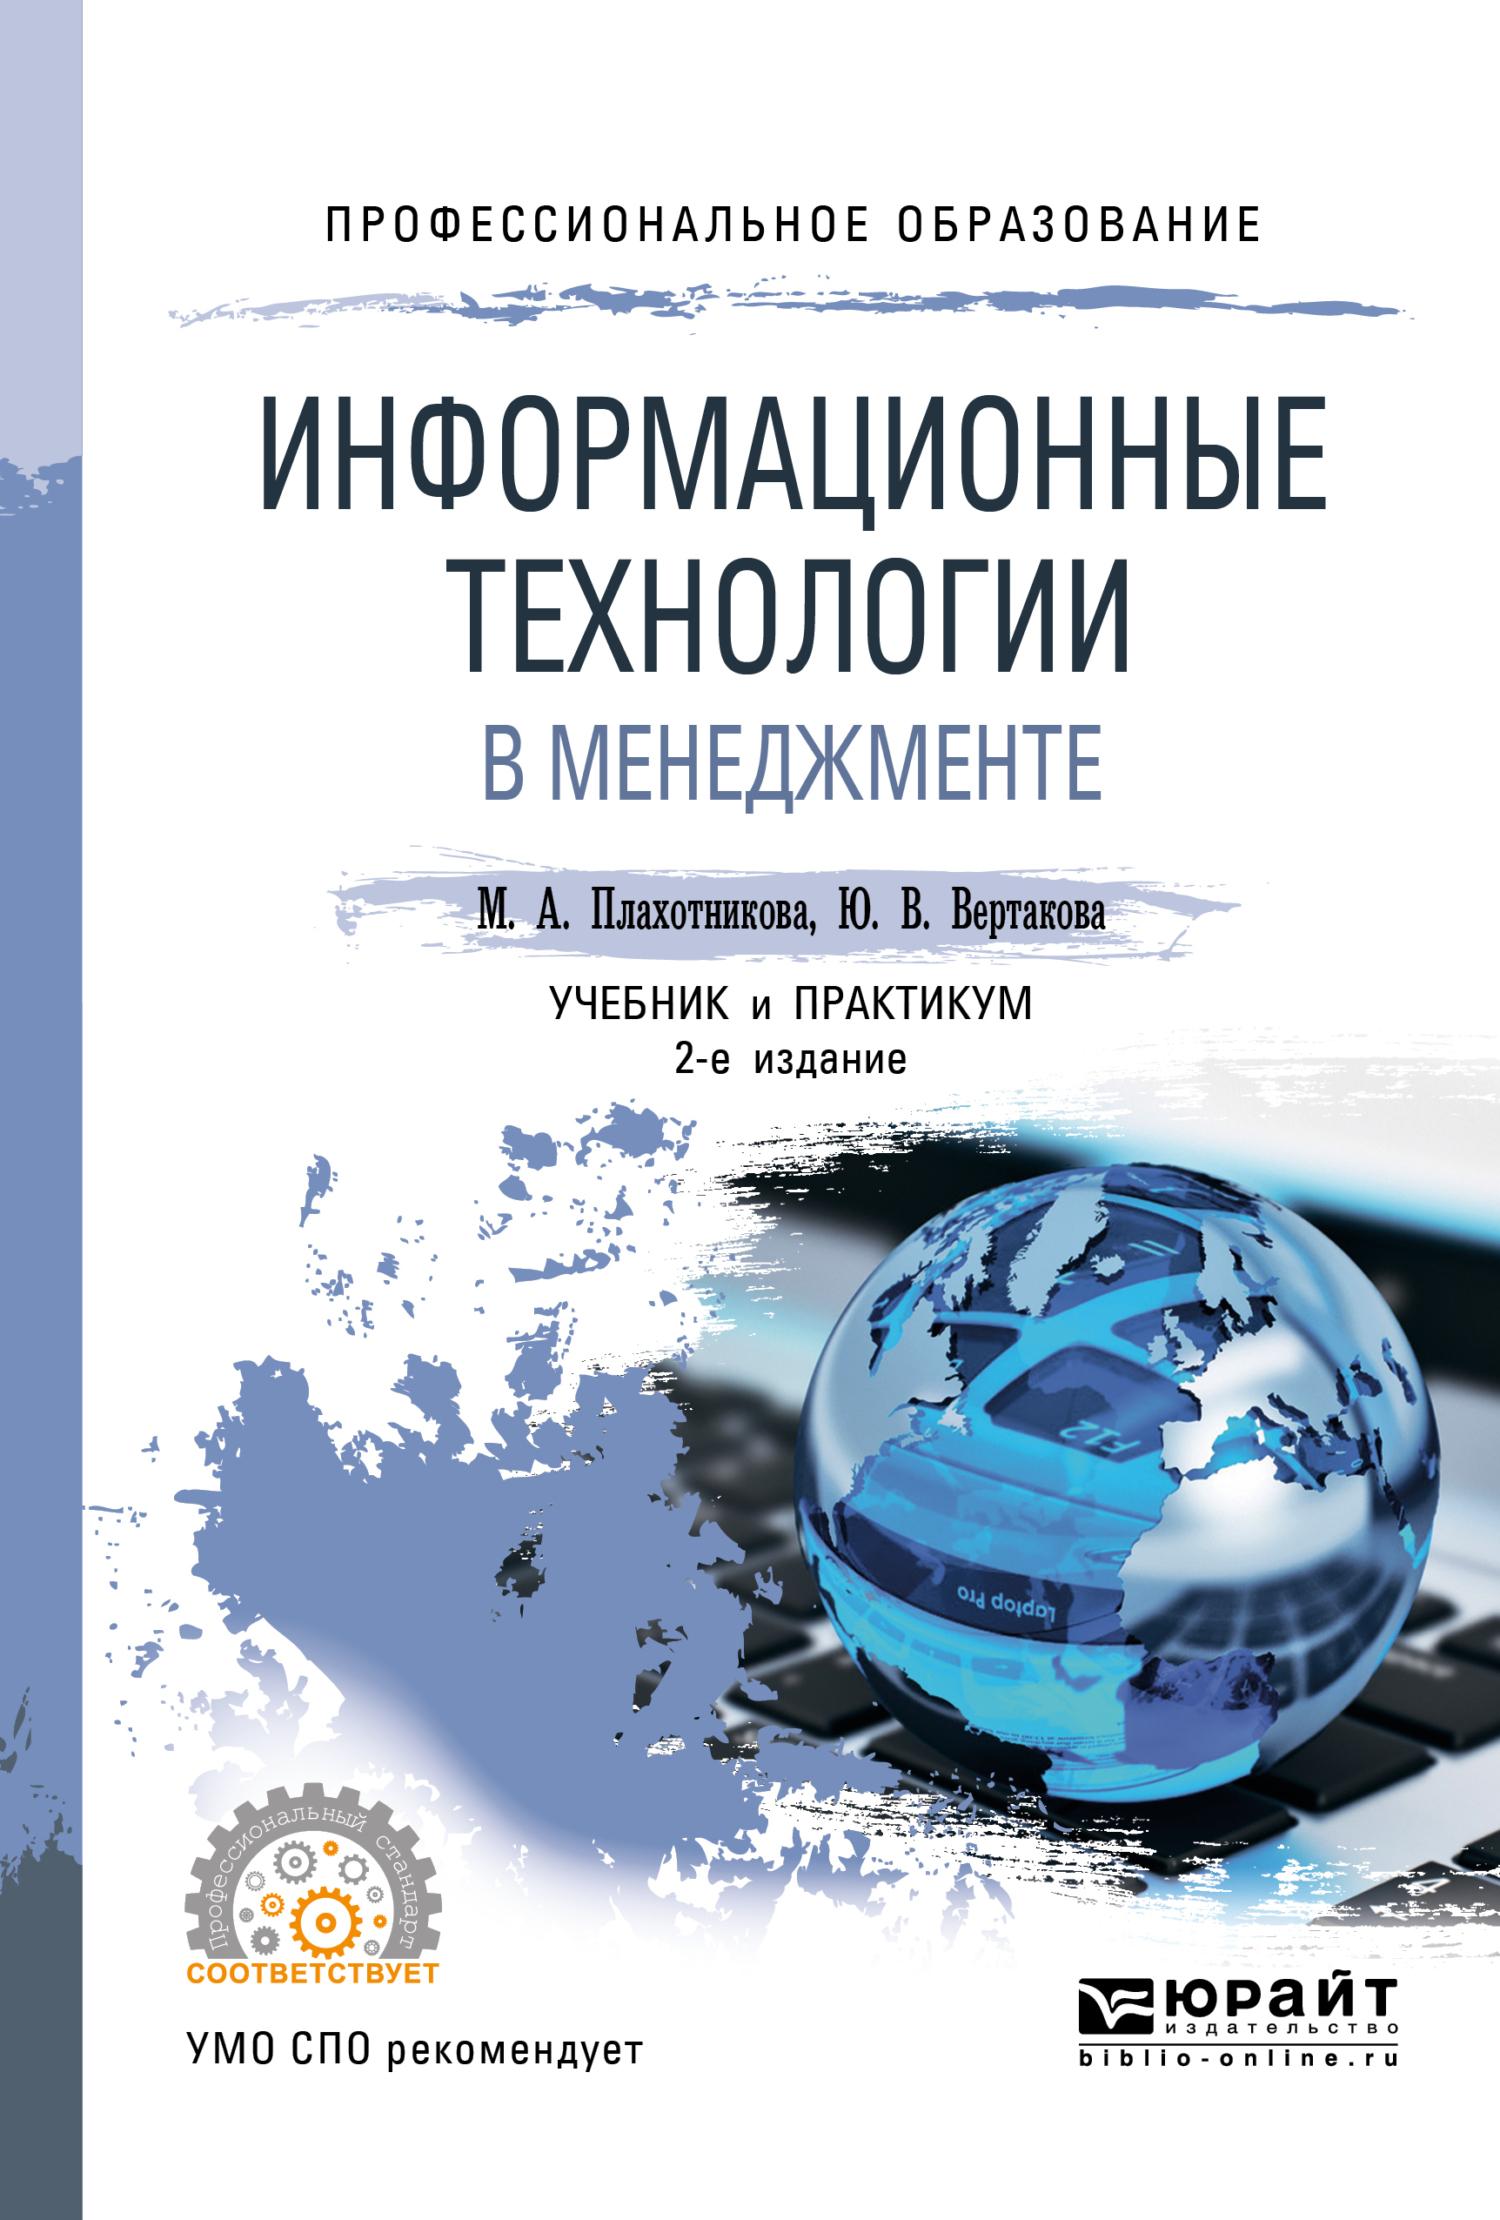 Информационные технологии в менеджменте 2-е изд., пер. и доп. Учебник и практикум для СПО